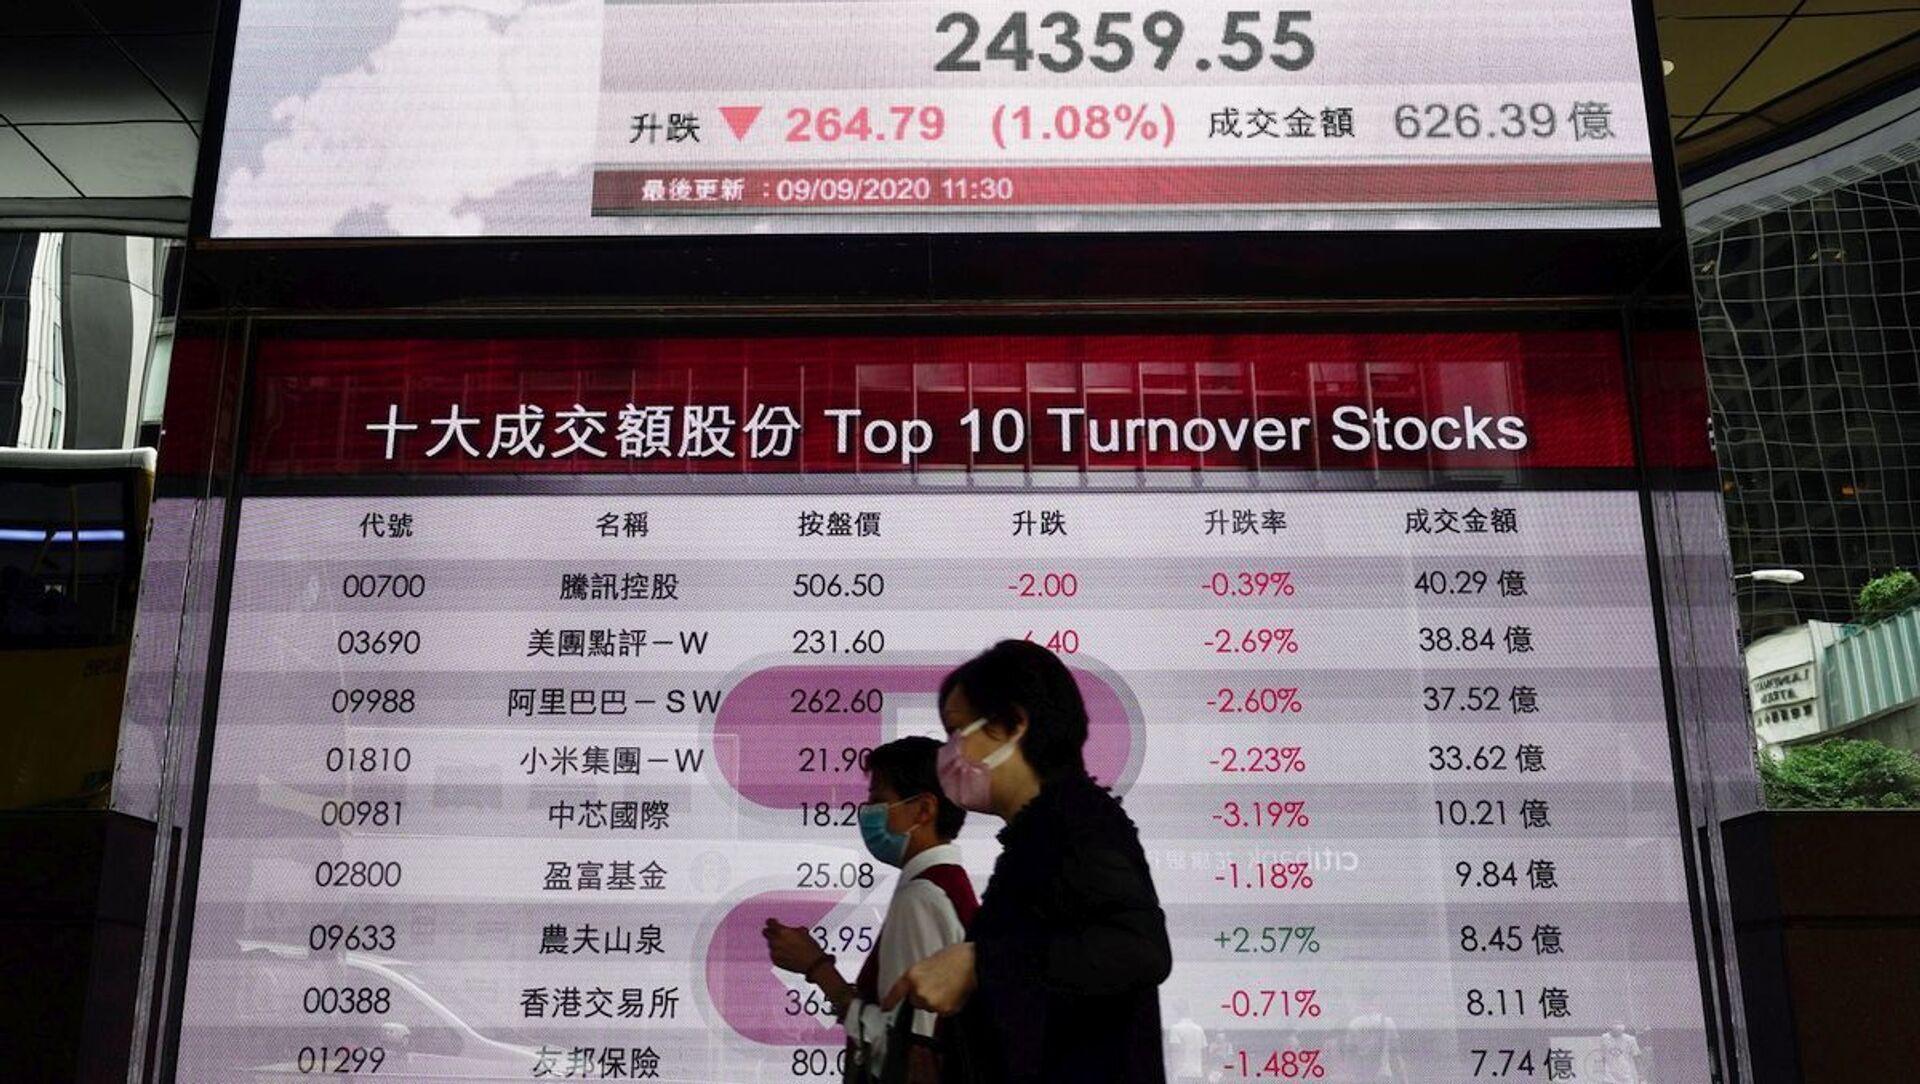 Индекс Гонконгской фондовой биржи на экране, фото из архива - Sputnik Азербайджан, 1920, 23.03.2021